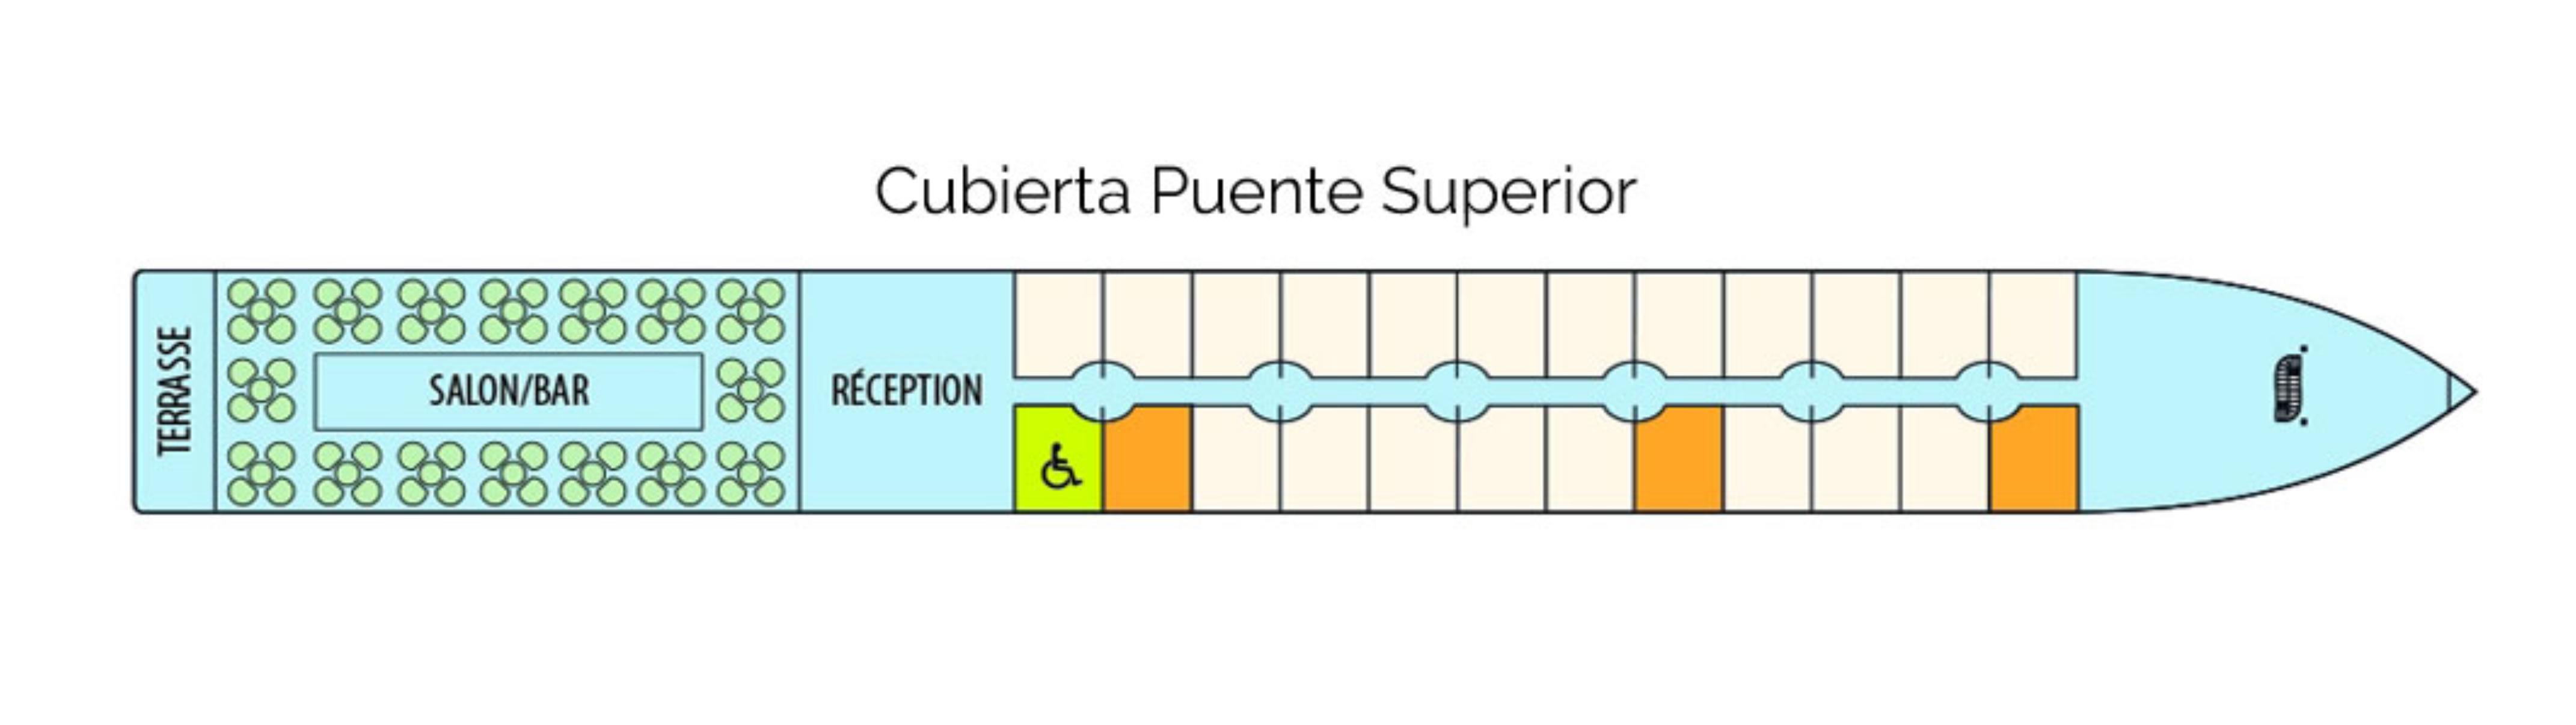 Cubierta Puente Superior